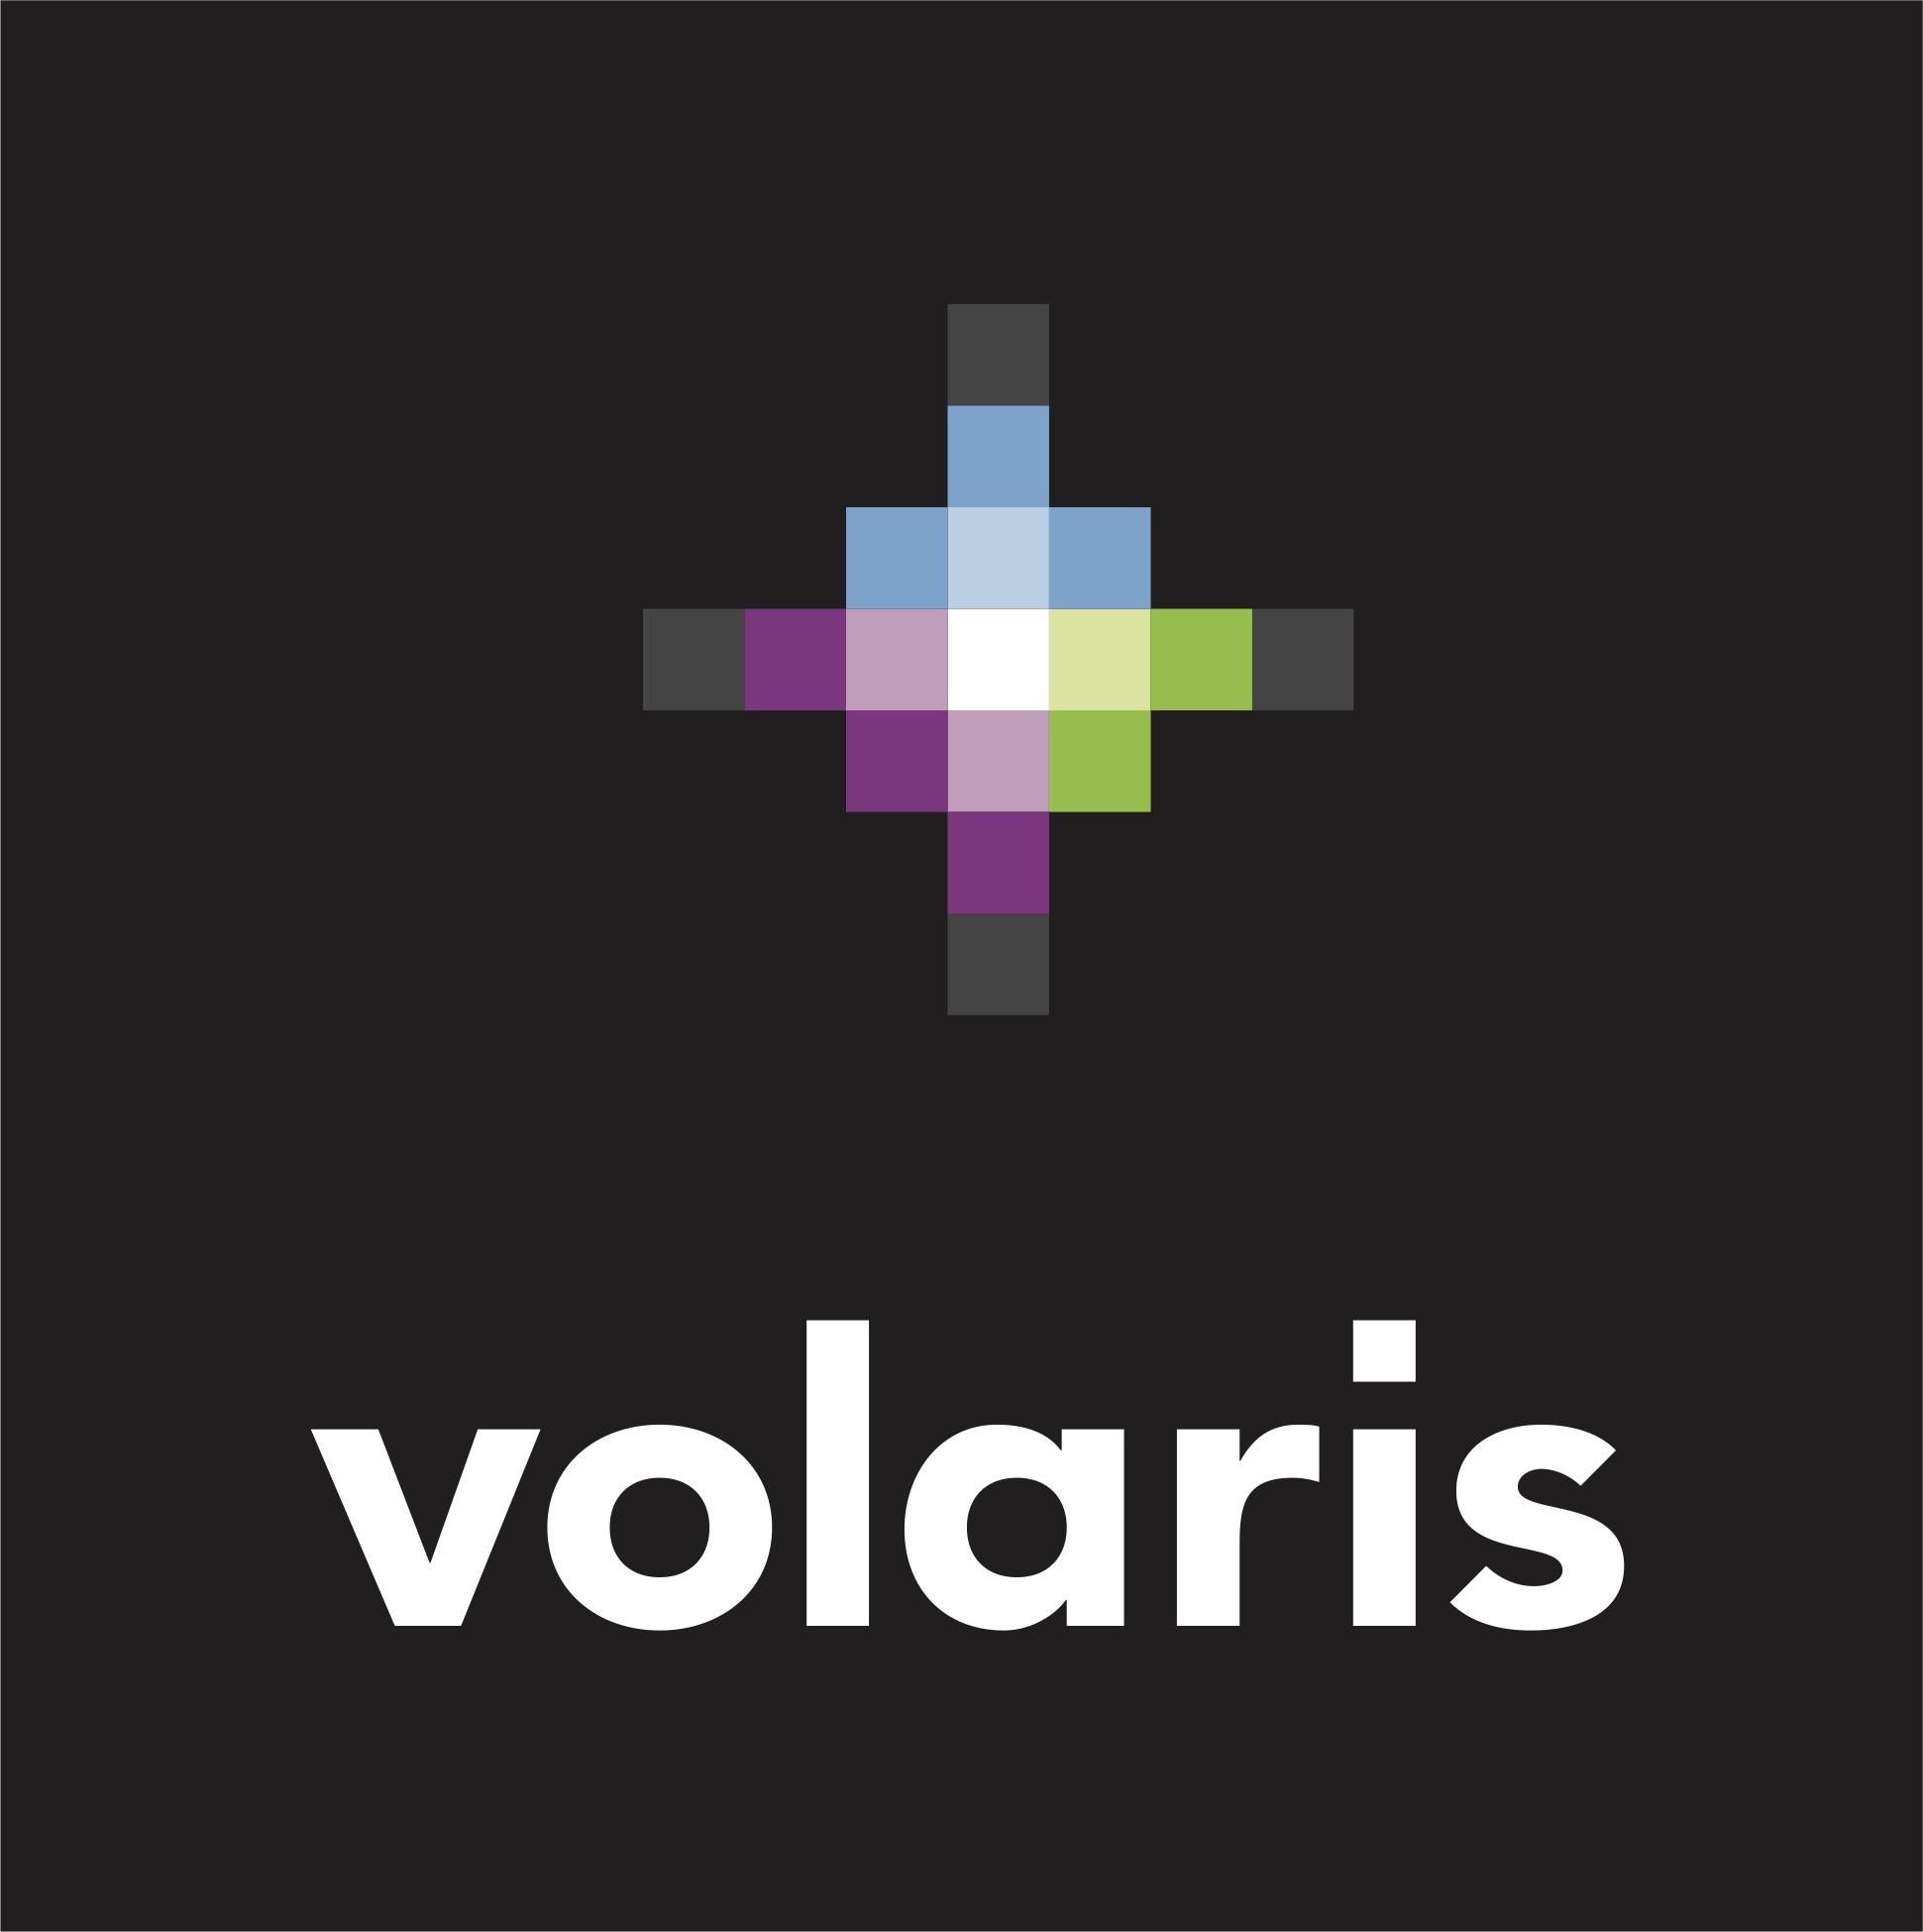 El logo de Volaris tiene un significado especial, pues busca representar que la aerolínea tiene siempre la dirección y orientación correcta.